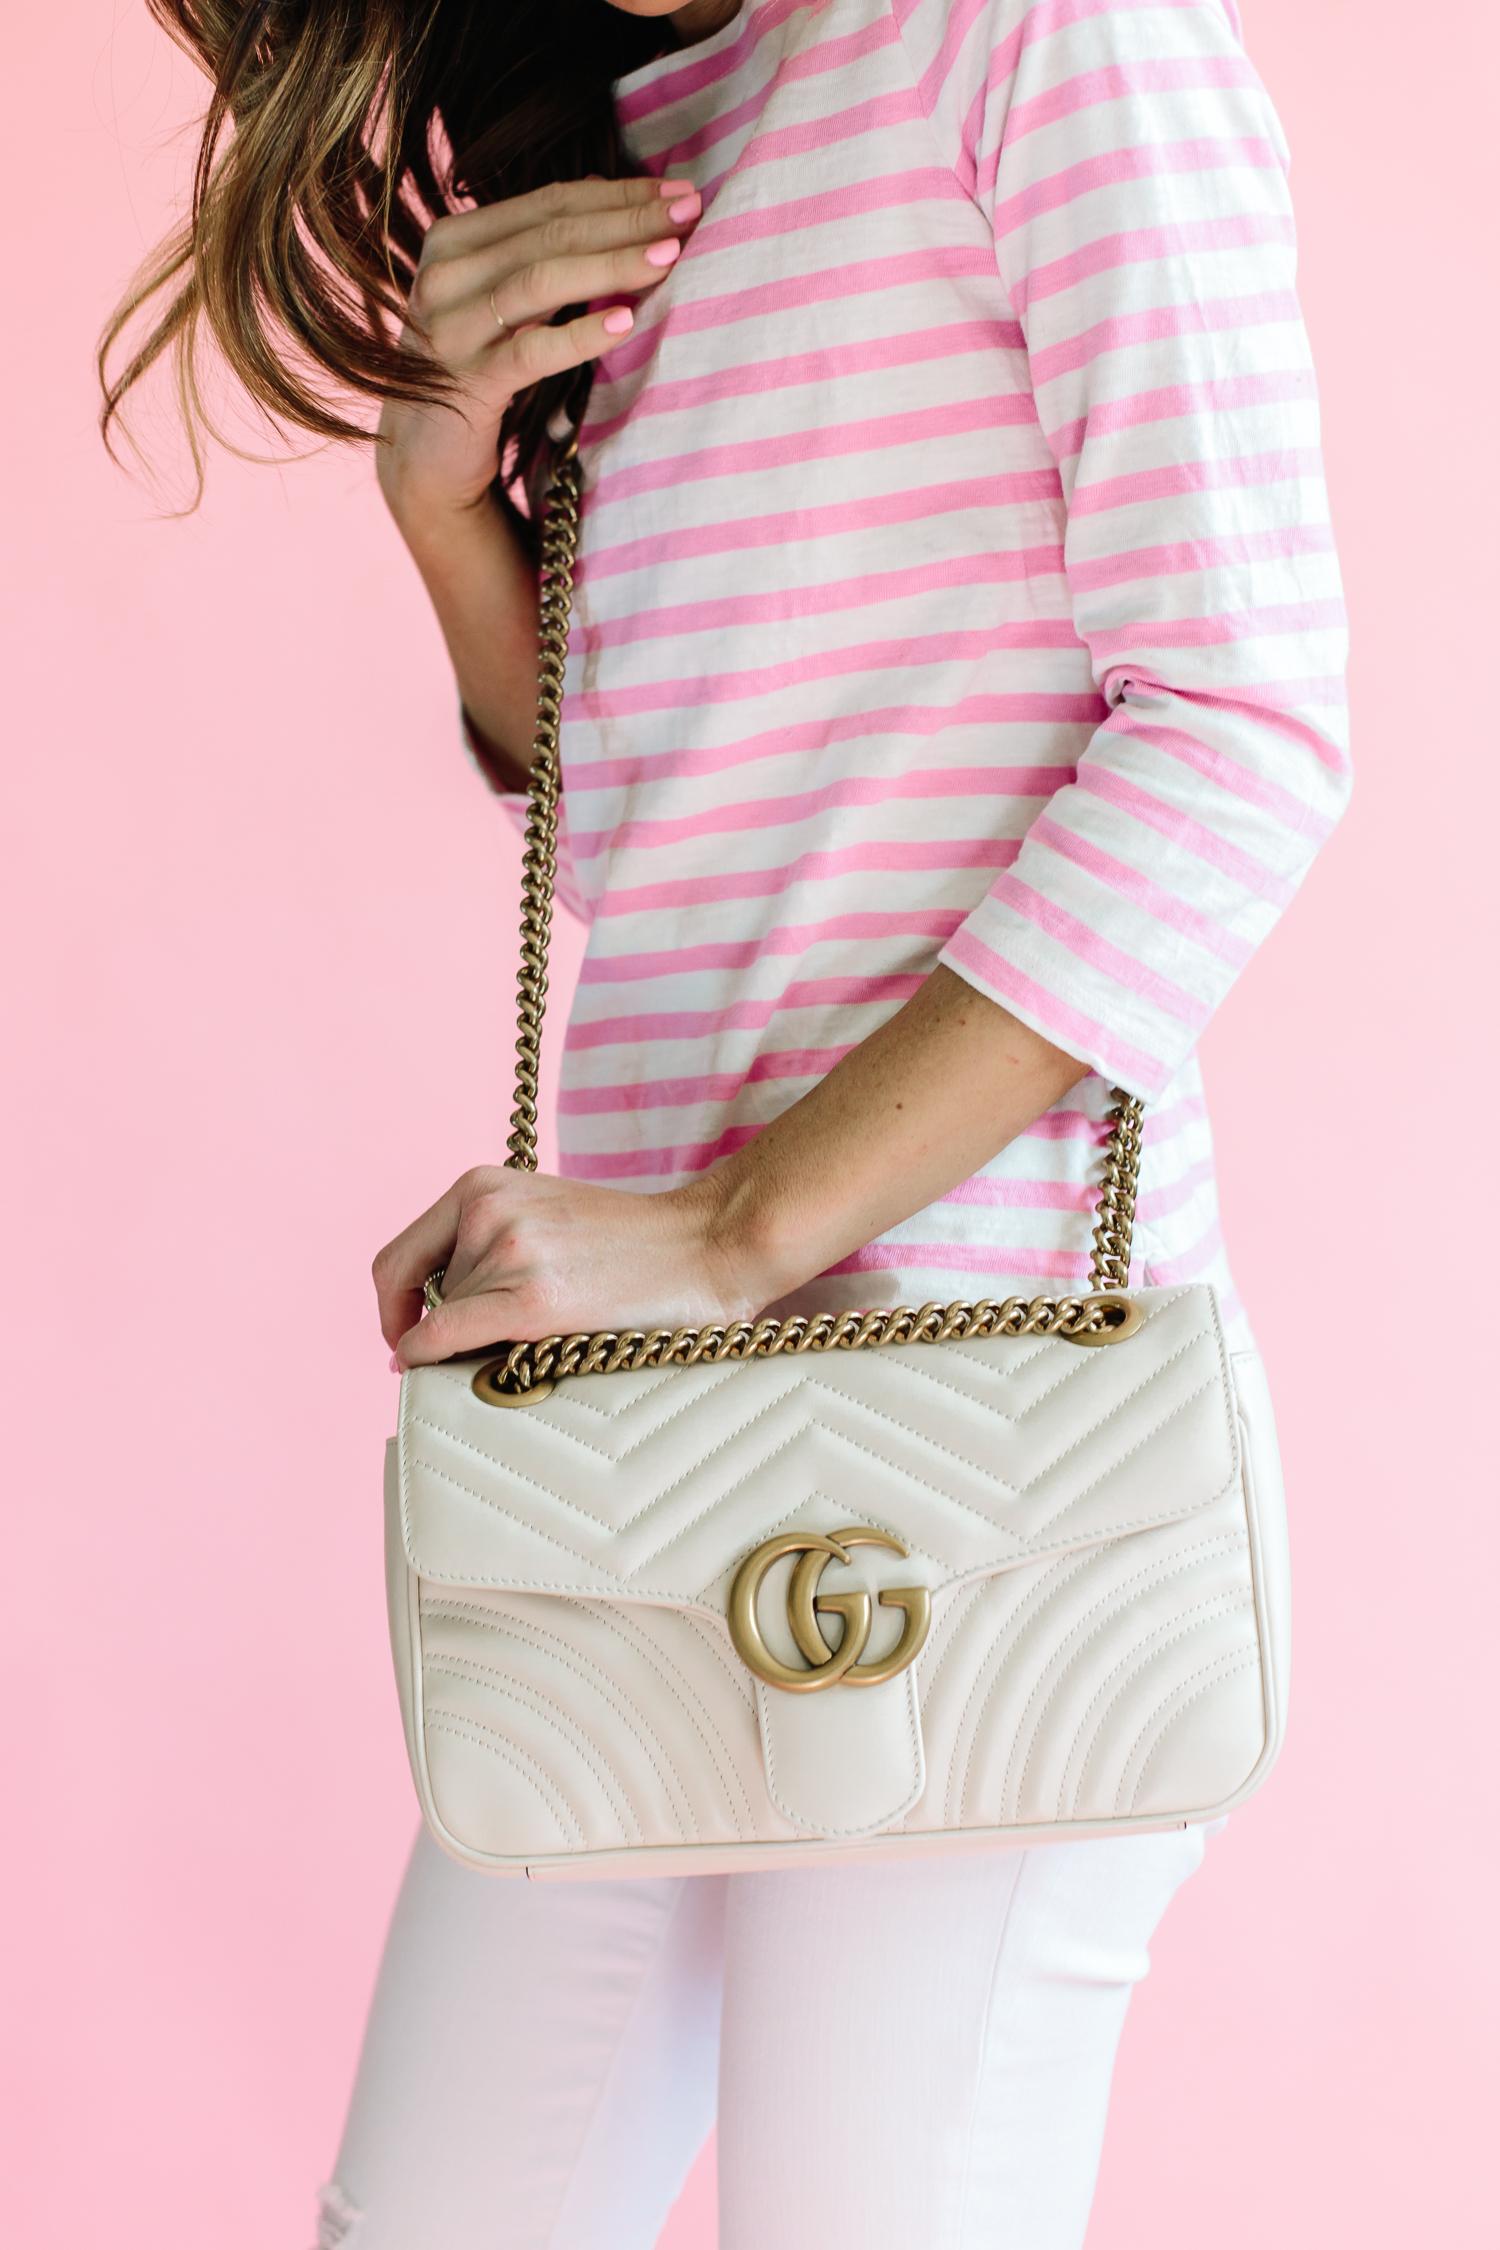 GG Marmont Medium matelassé leather shoulder bag, gucci handbag, gucci handbag review